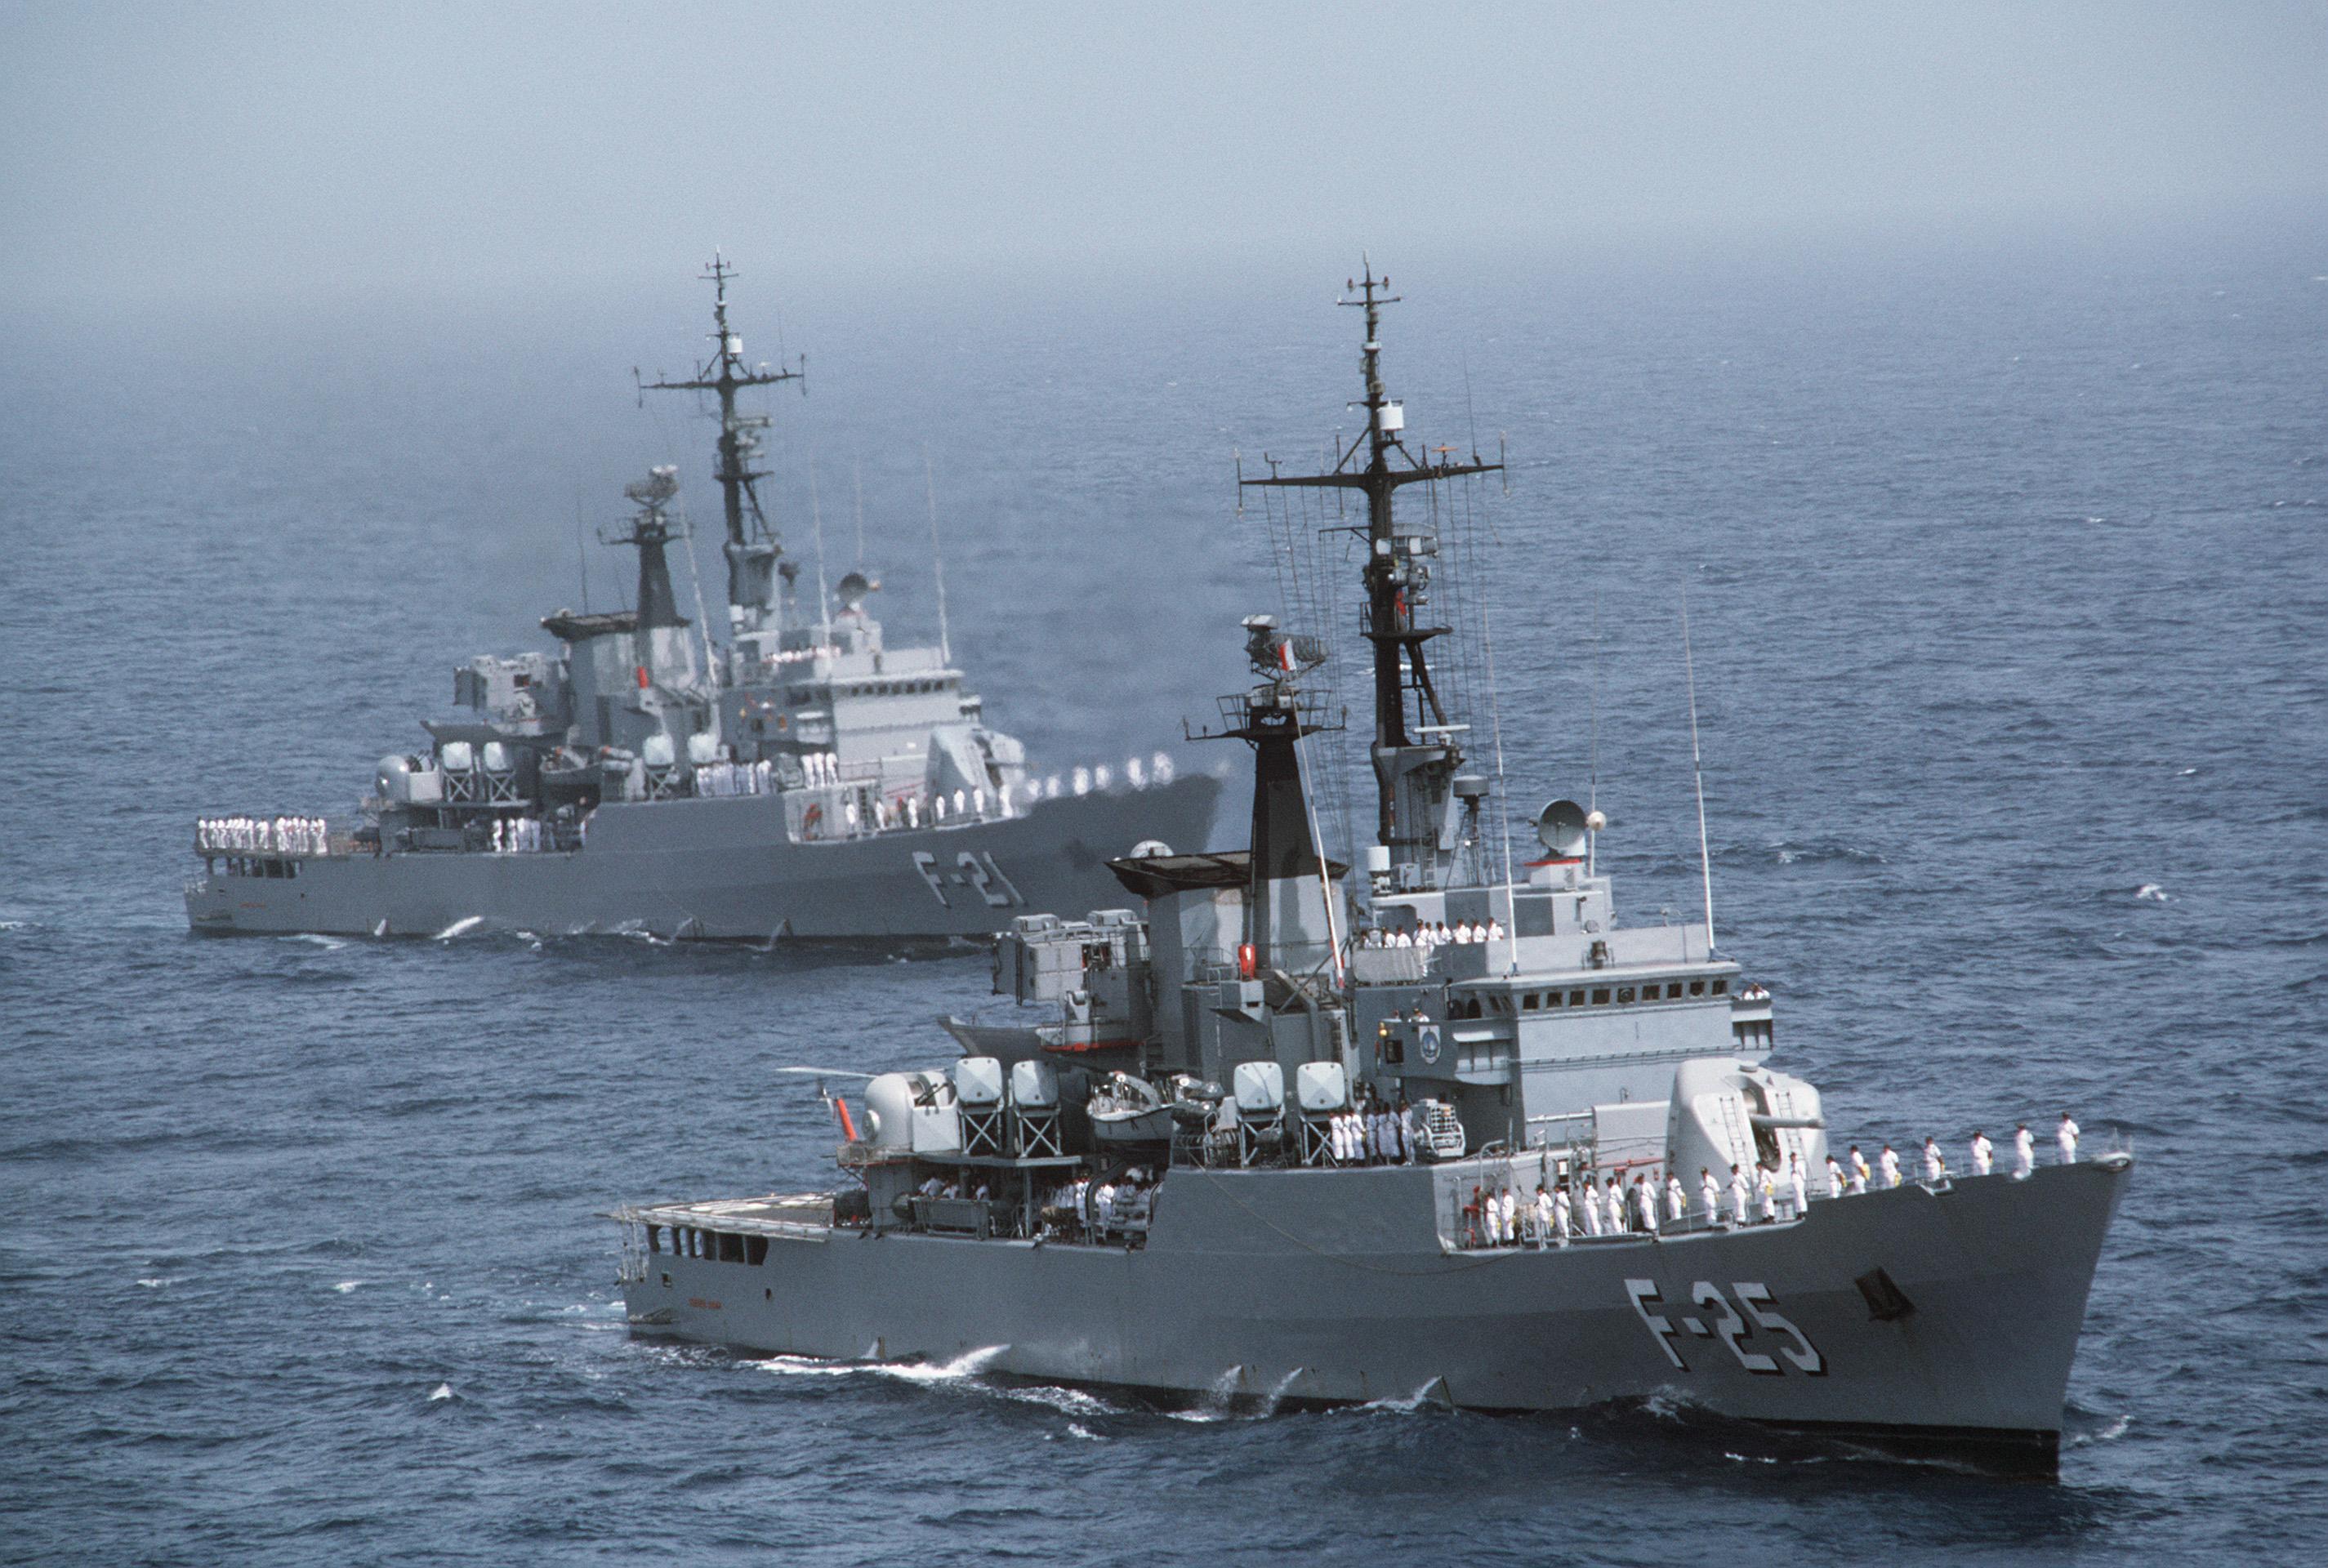 Fragatas misilísticas ARV Mariscal Sucre (F-21) y ARV General Salóm (F-25) de la Armada Nacional.